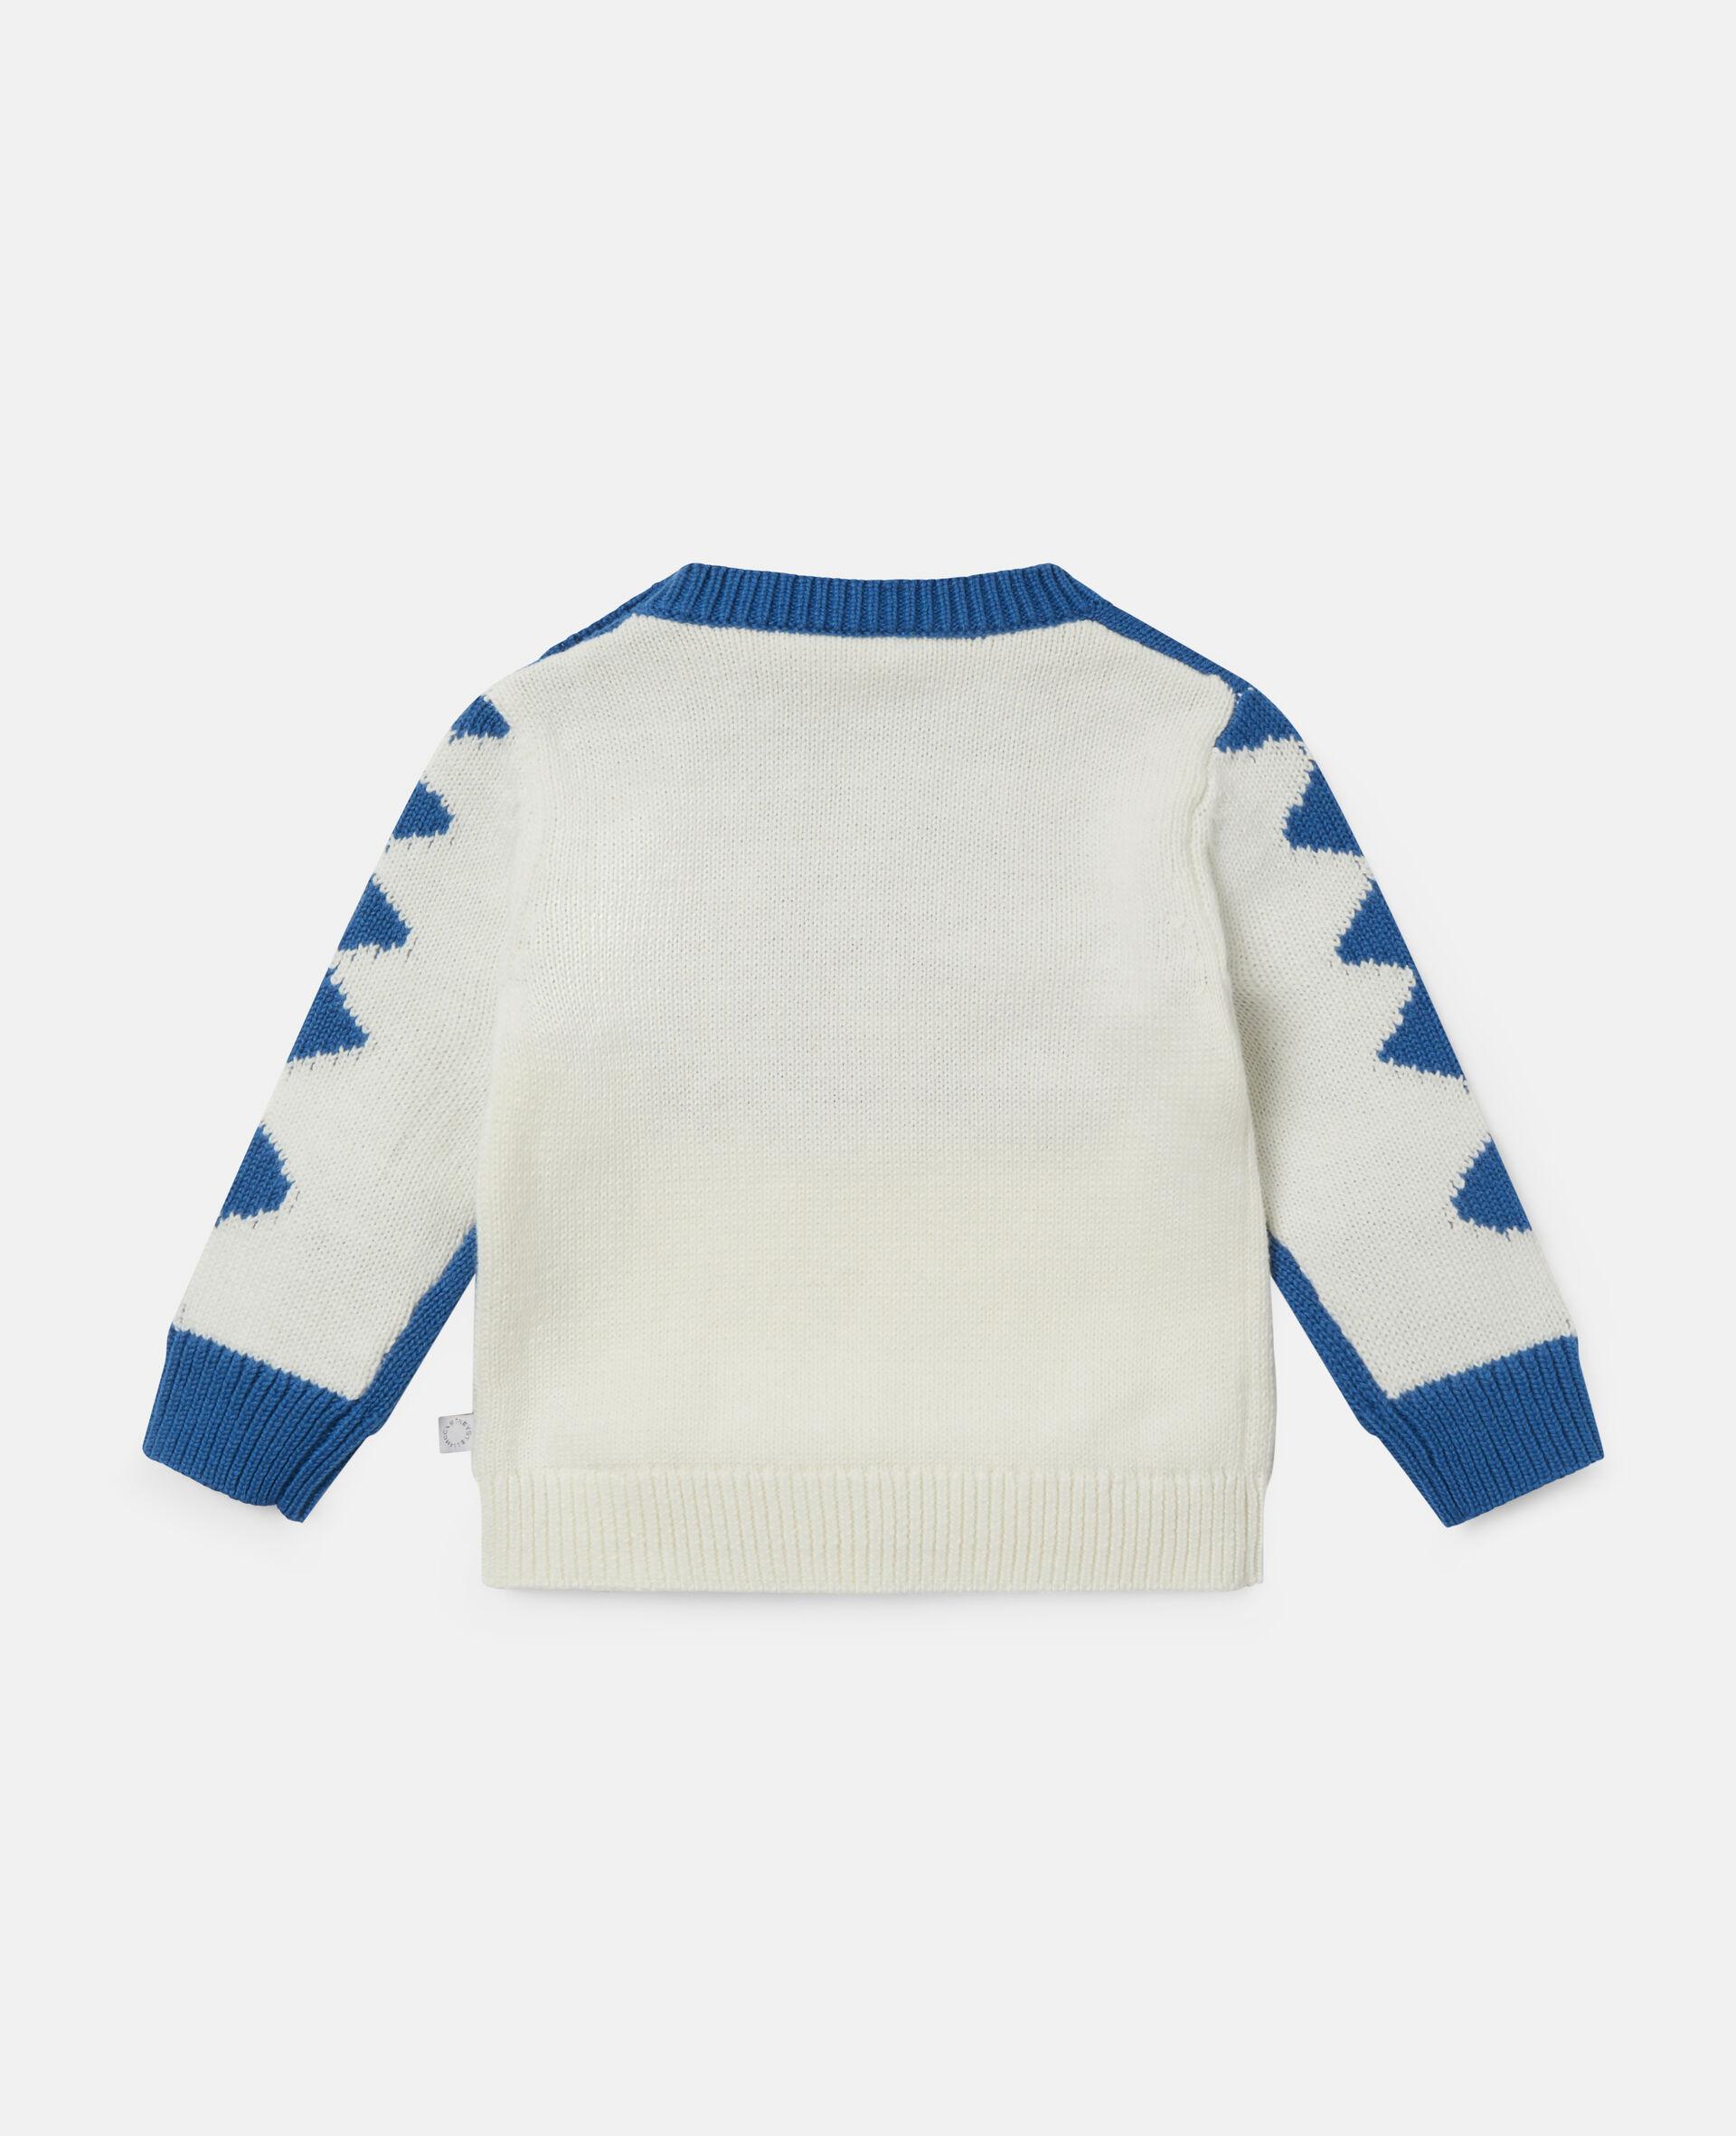 Doodle Dog Knit Intarsia Sweater-White-large image number 3